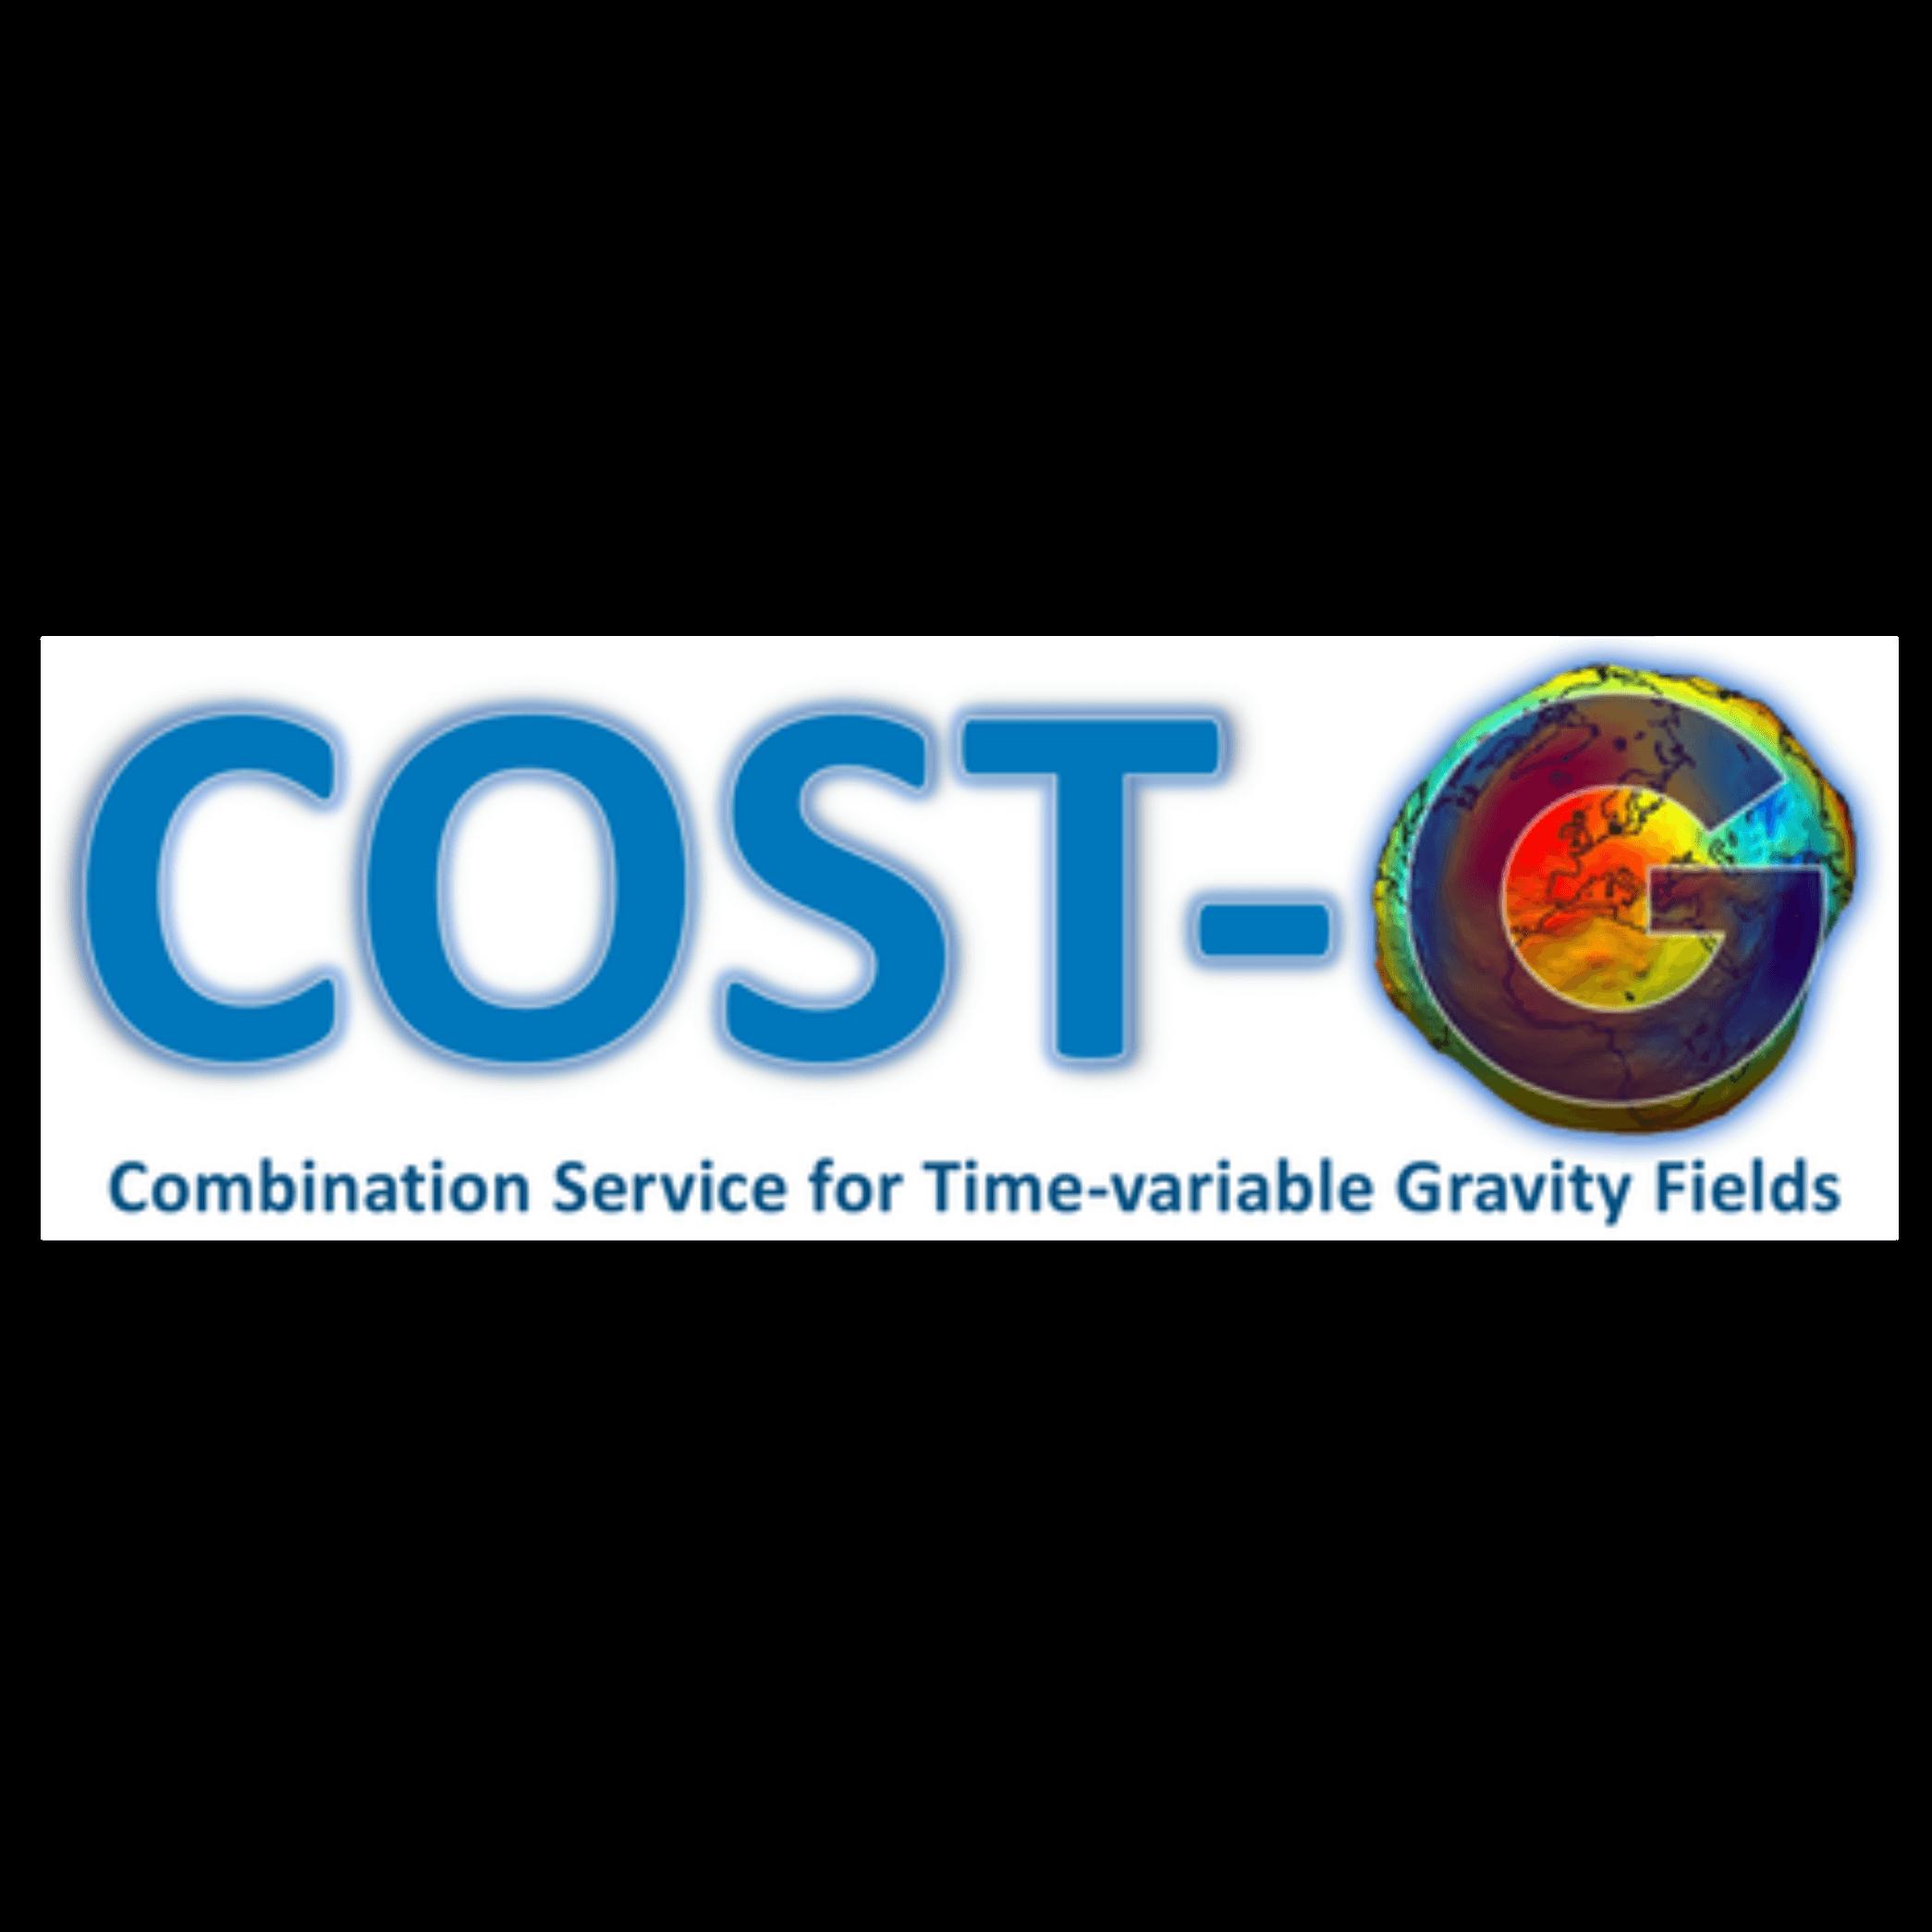 COST-G